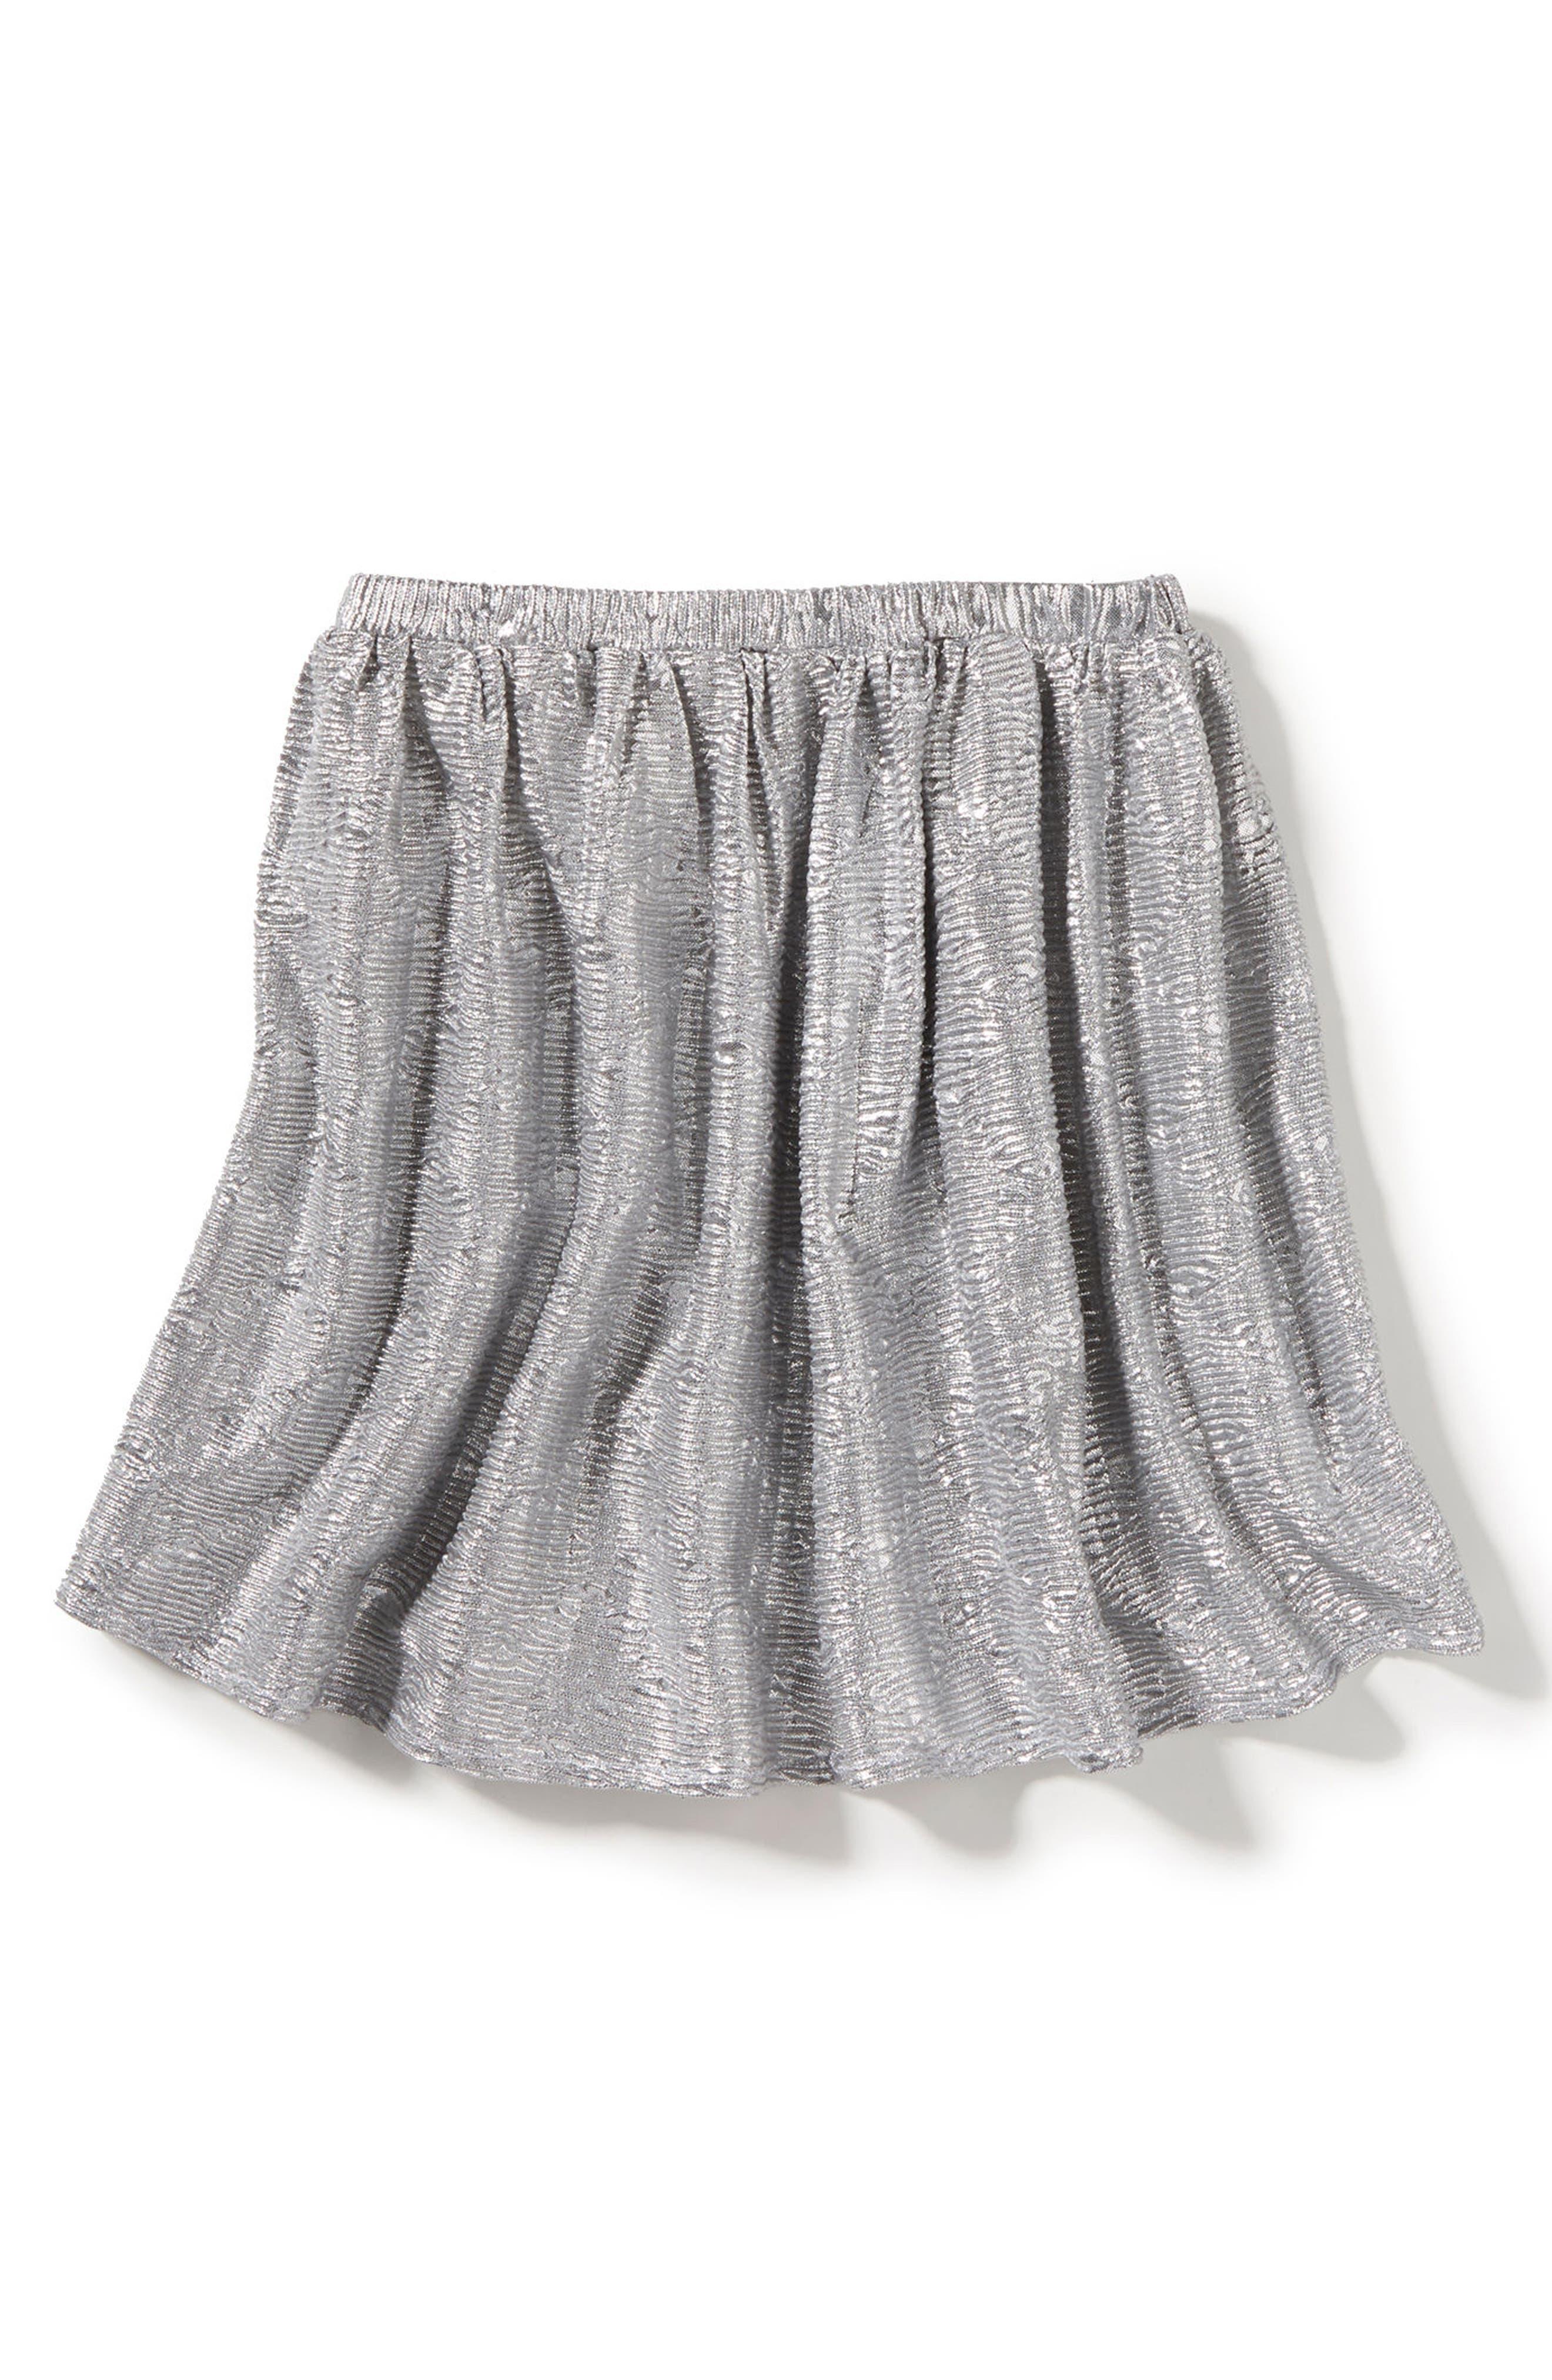 Alternate Image 1 Selected - Peek Marlow Metallic Skirt (Toddler Girls, Little Girls & Big Girls)